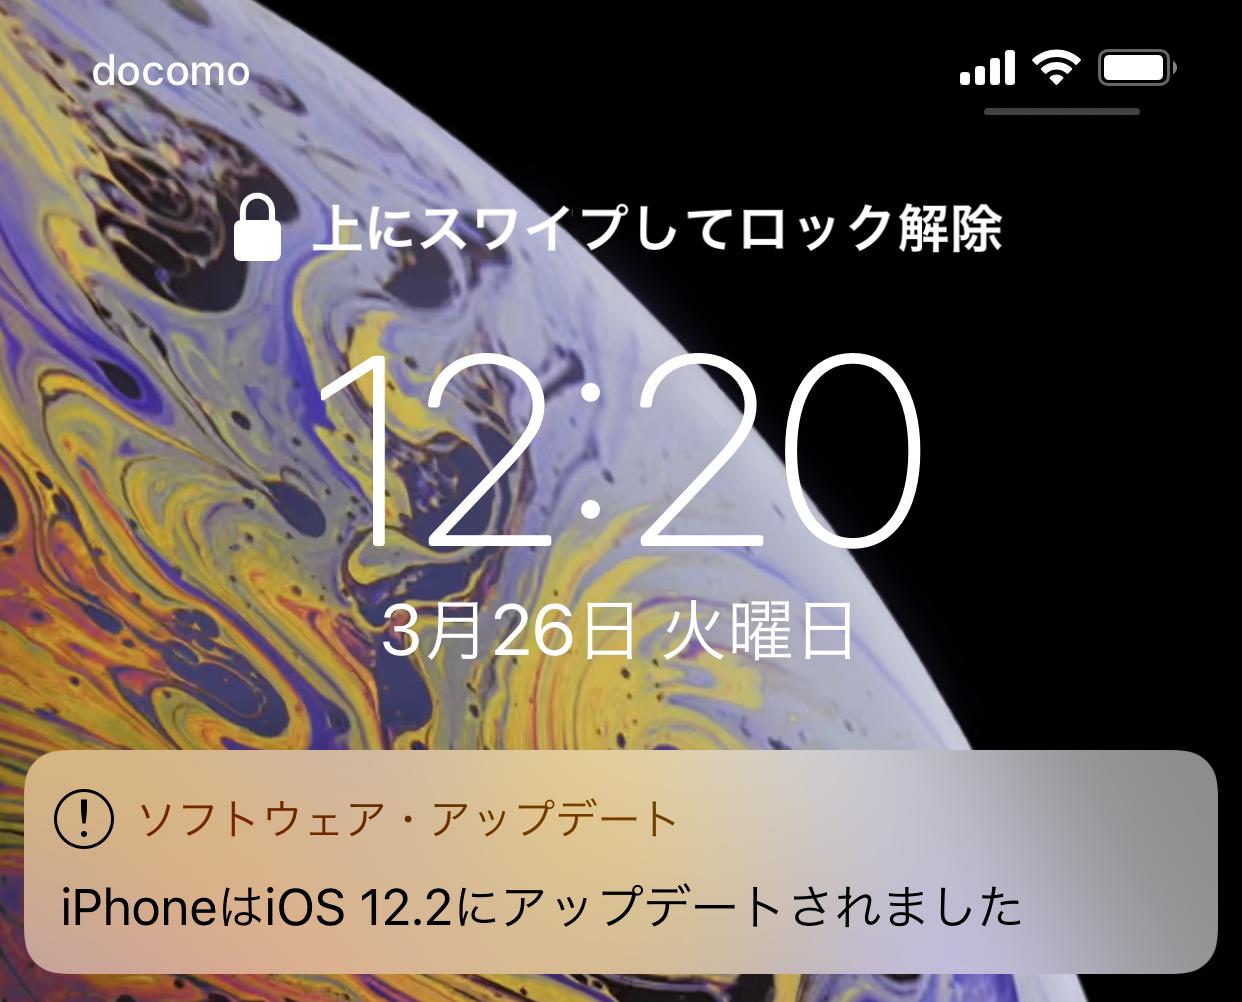 iPad mini 4とiPhone XS MaxをiOS 12.2へ更新